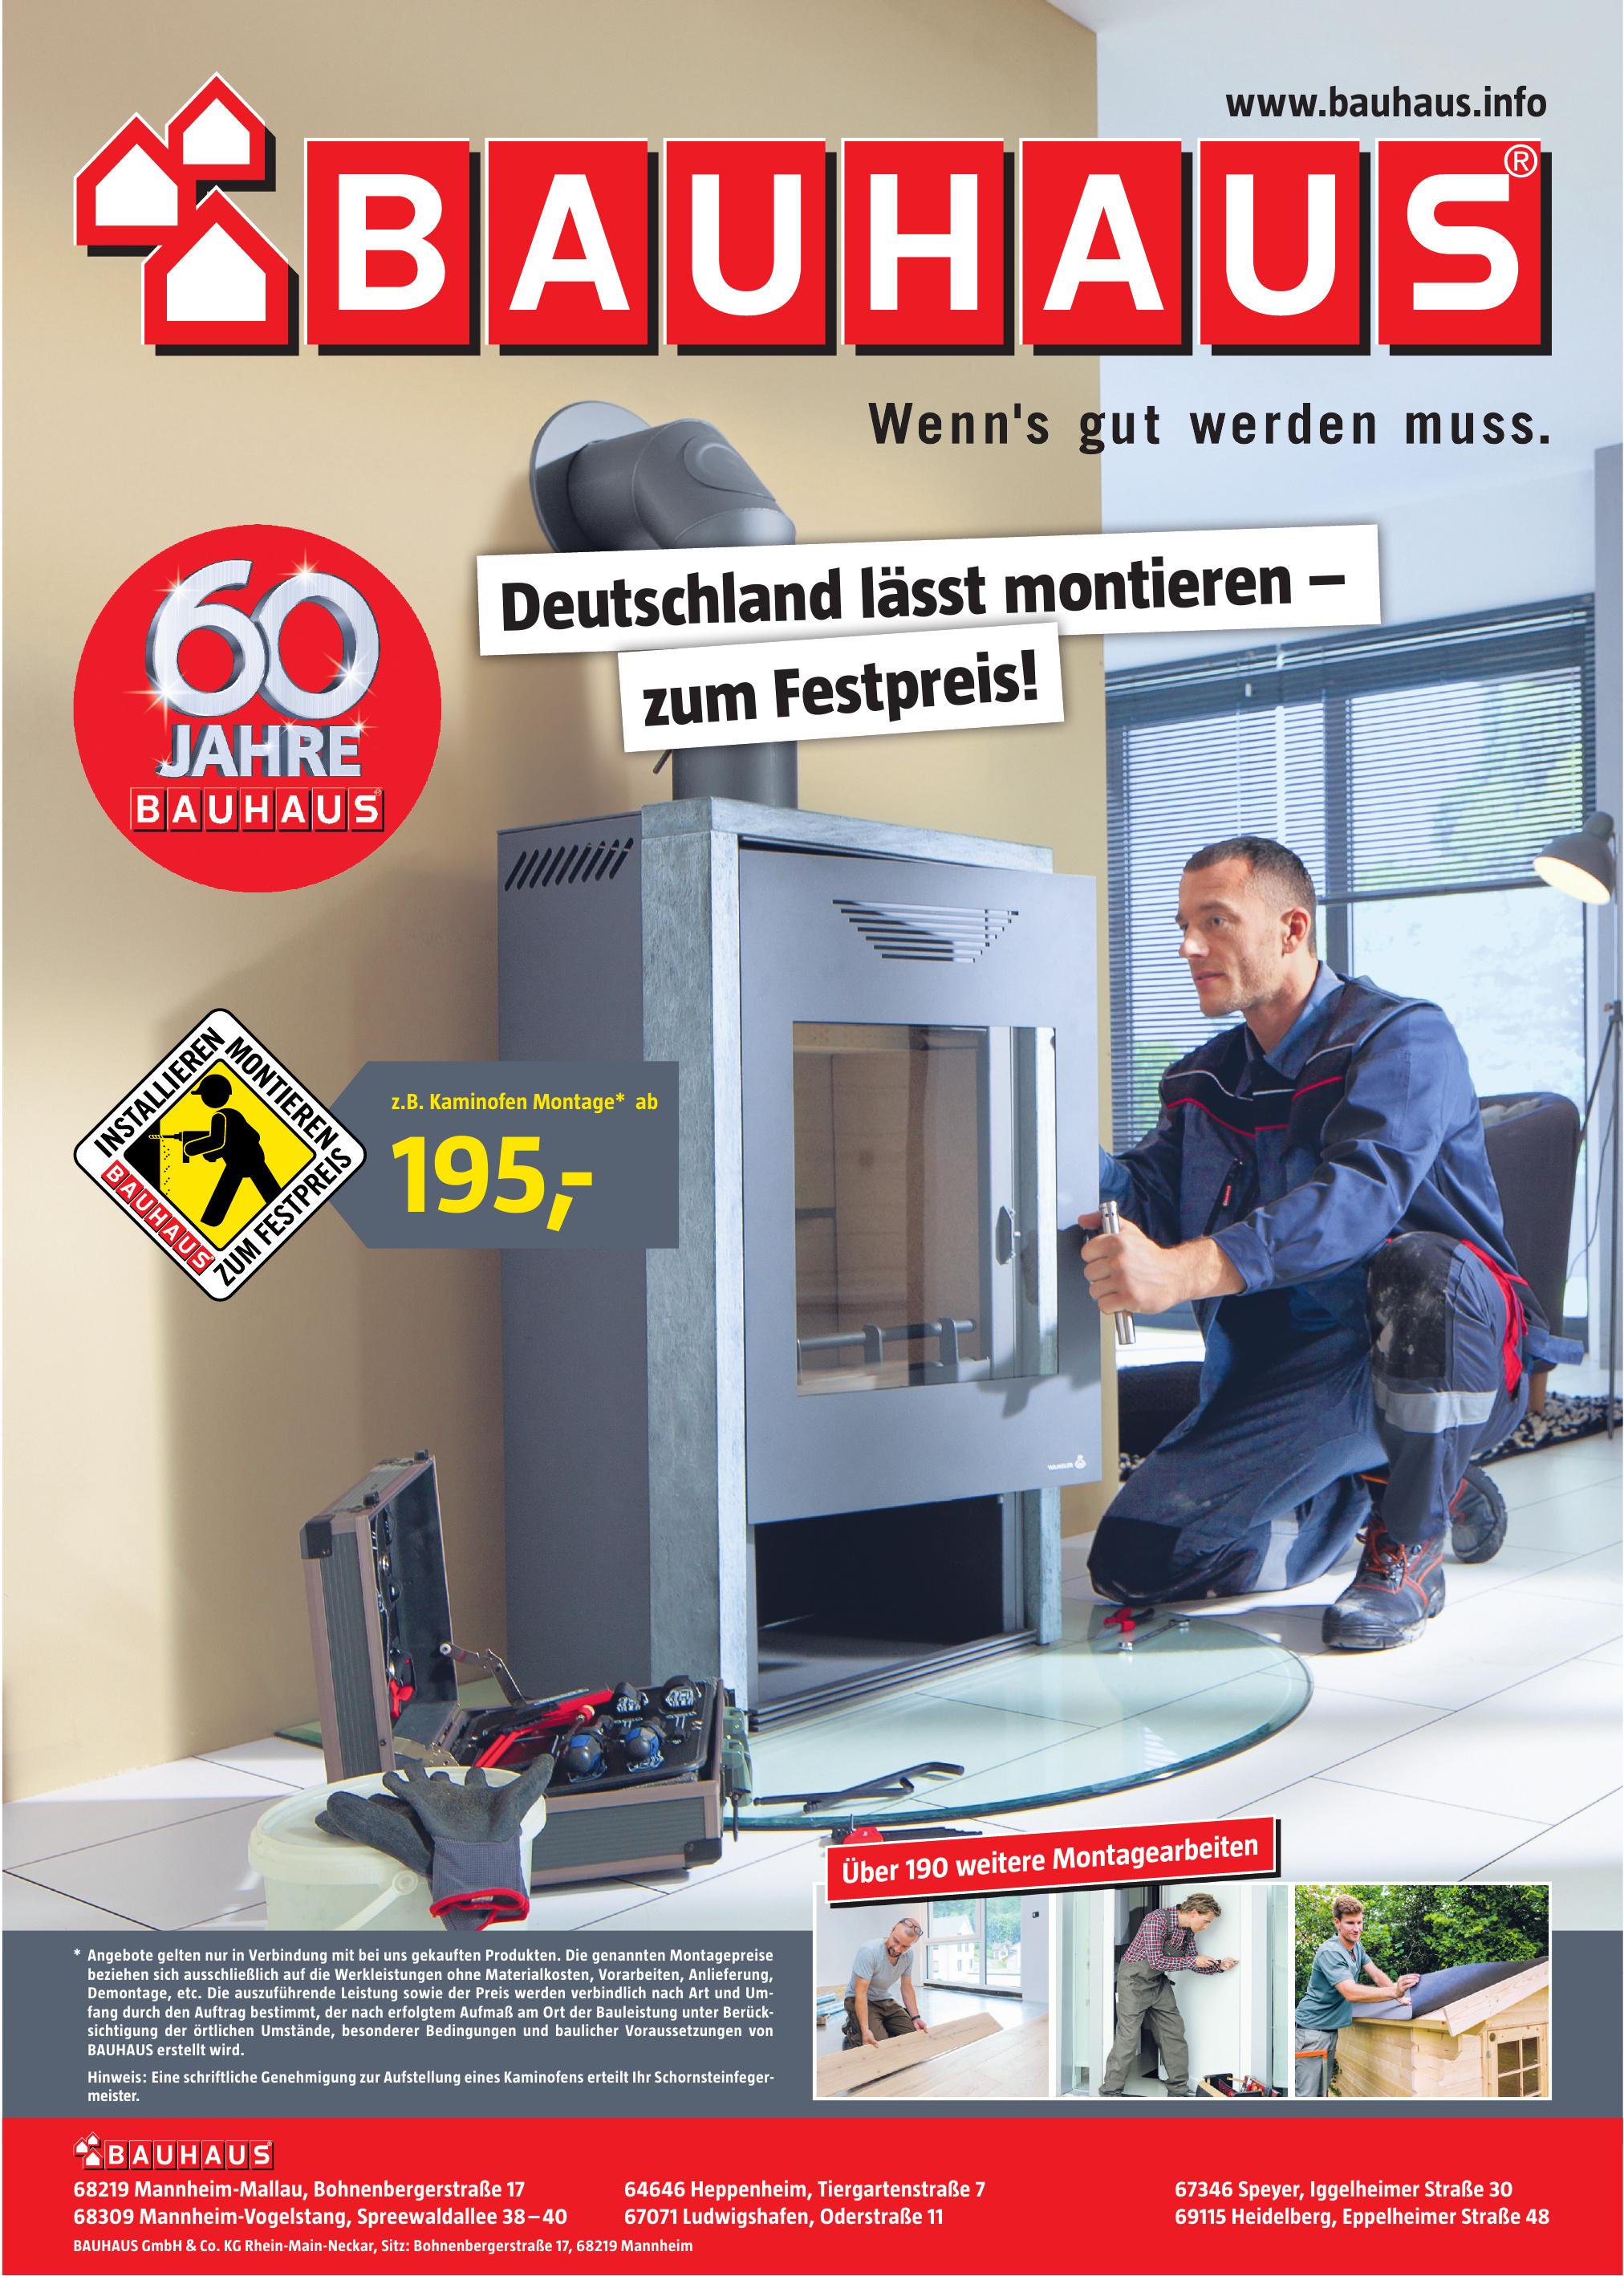 Bauhaus GmbH & Co. KG - Rhein-Main-Neckar Gesellschaft für Bau- und Hausbedarf